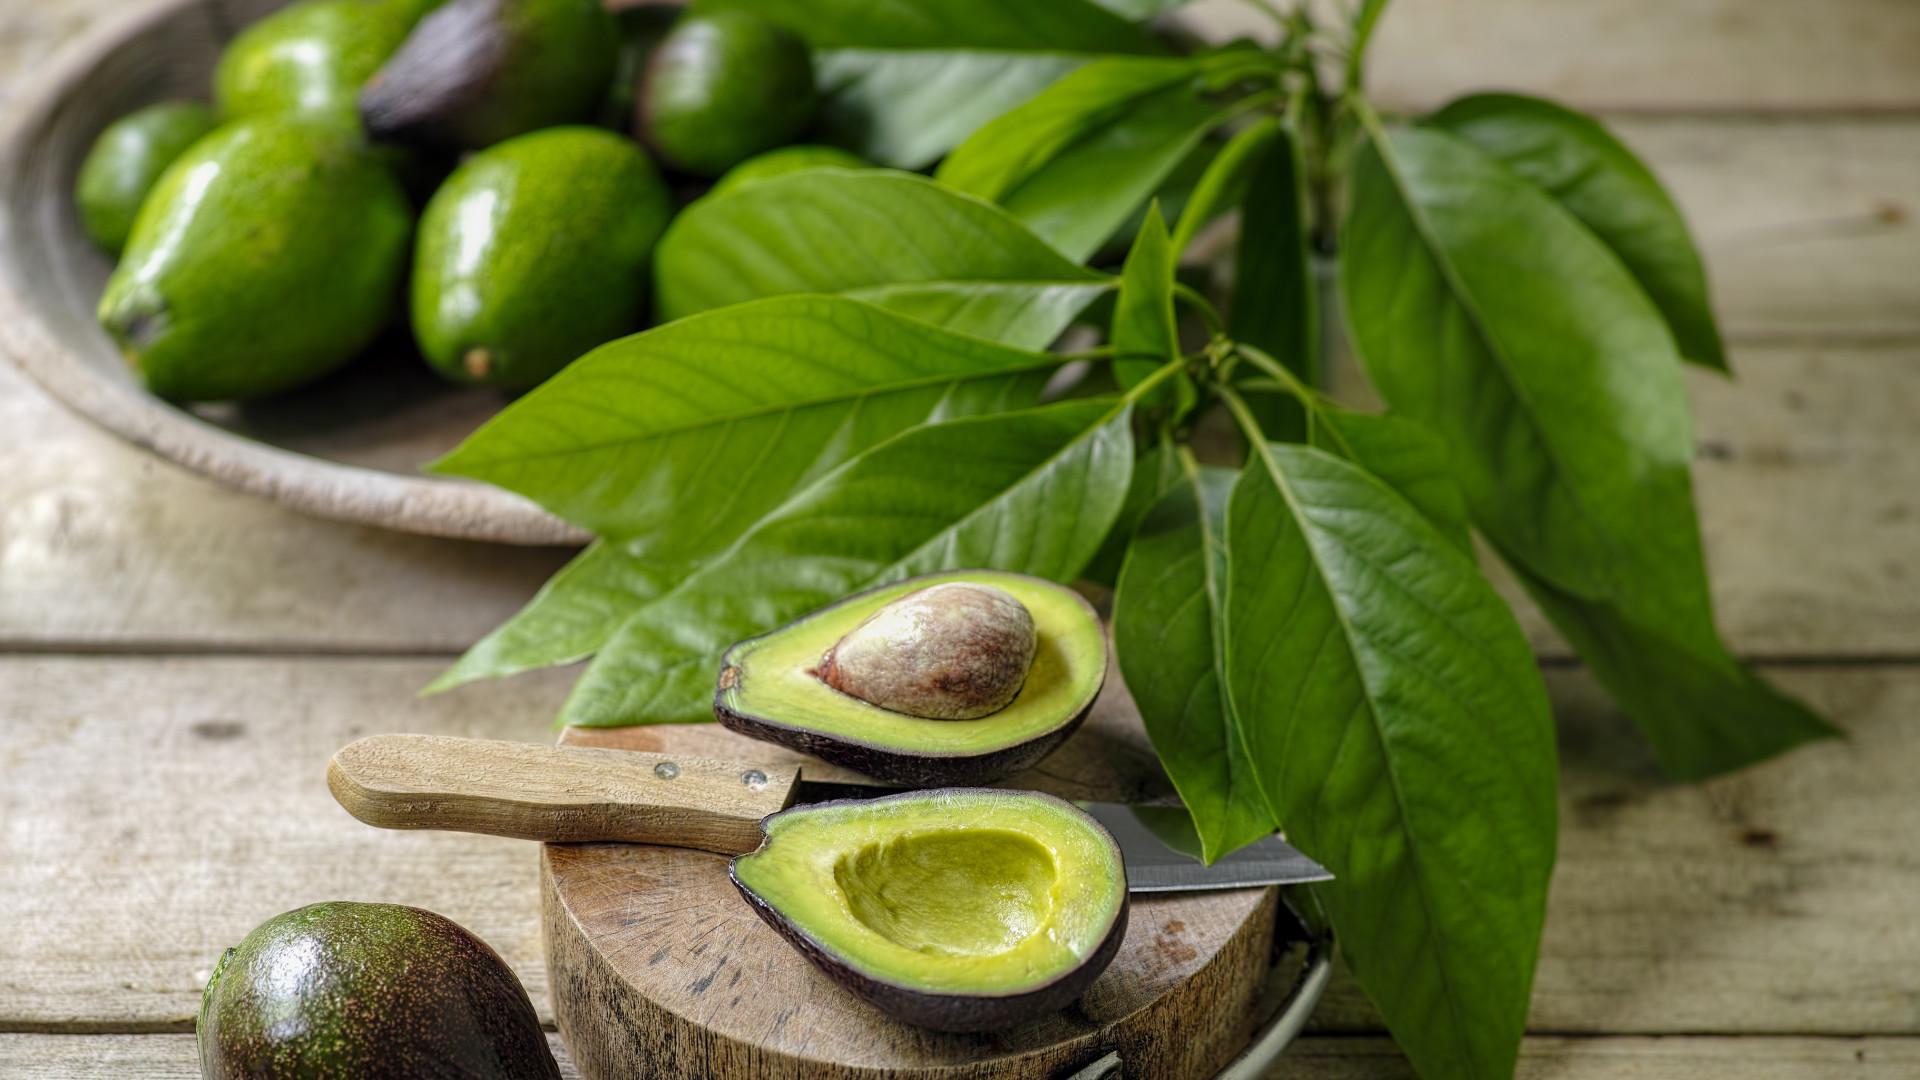 Tire-se a dúvida: Devemos ou não guardar os abacates no frigorífico?